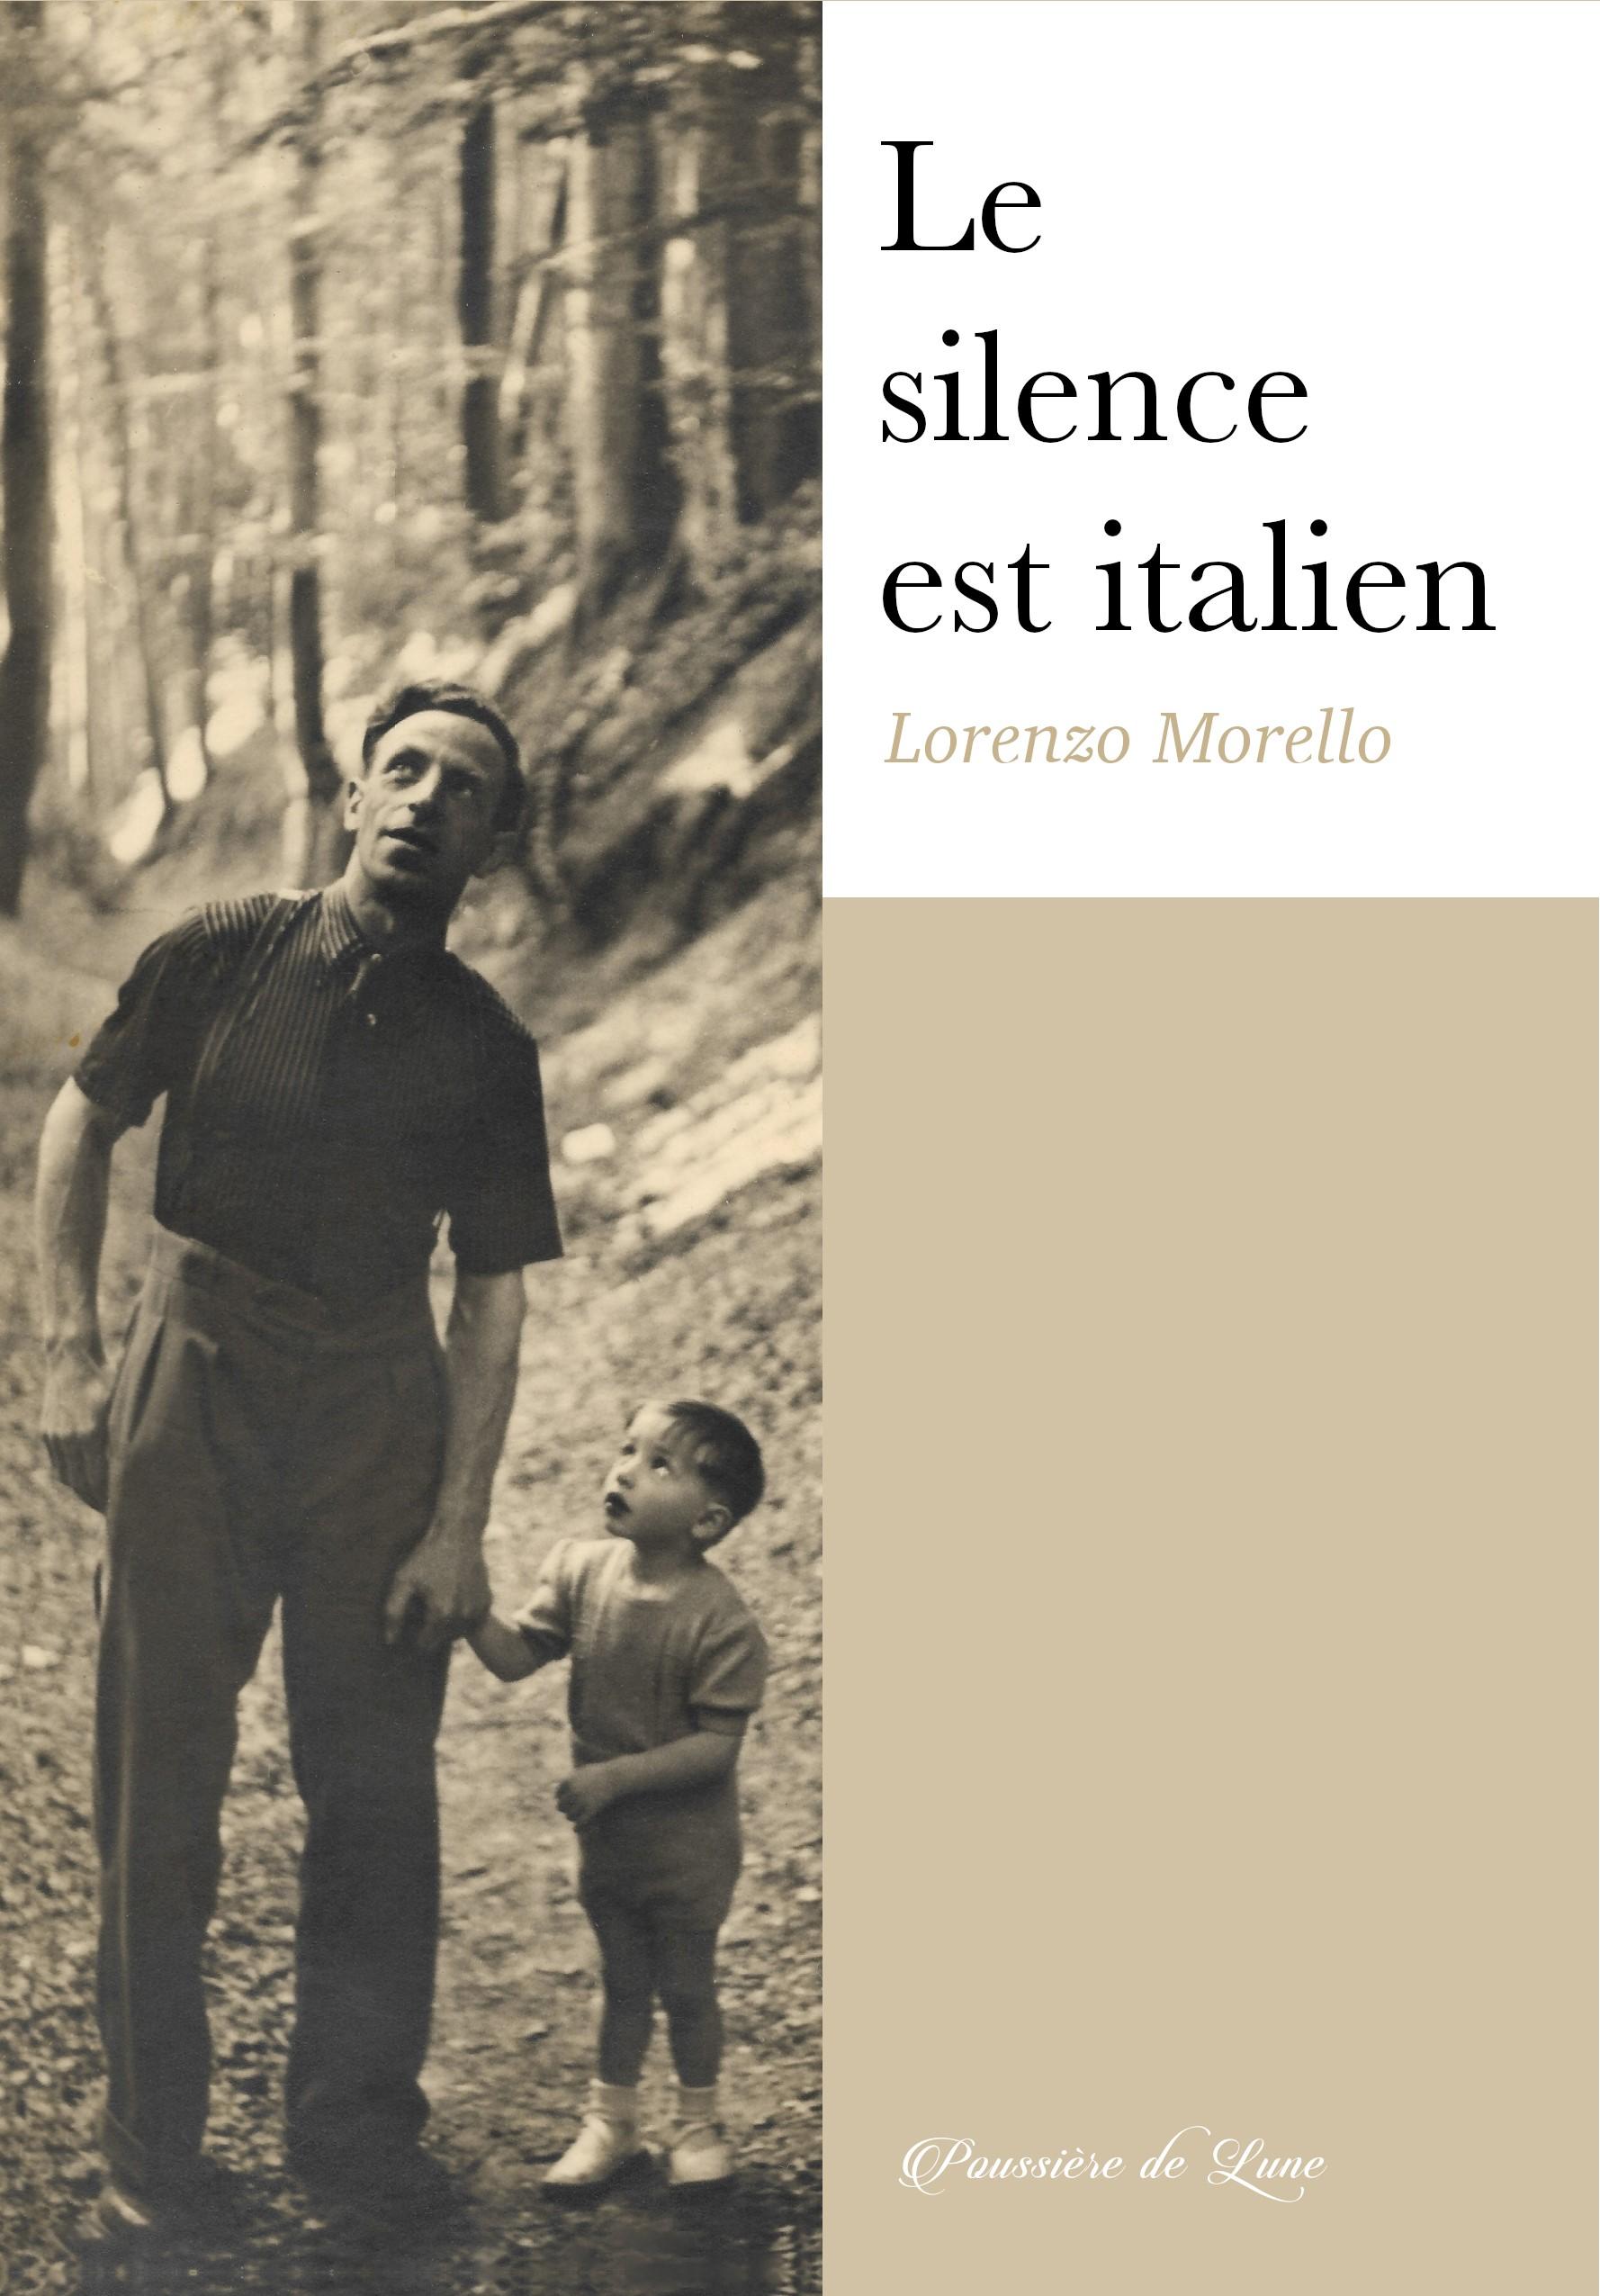 Le silence est italien